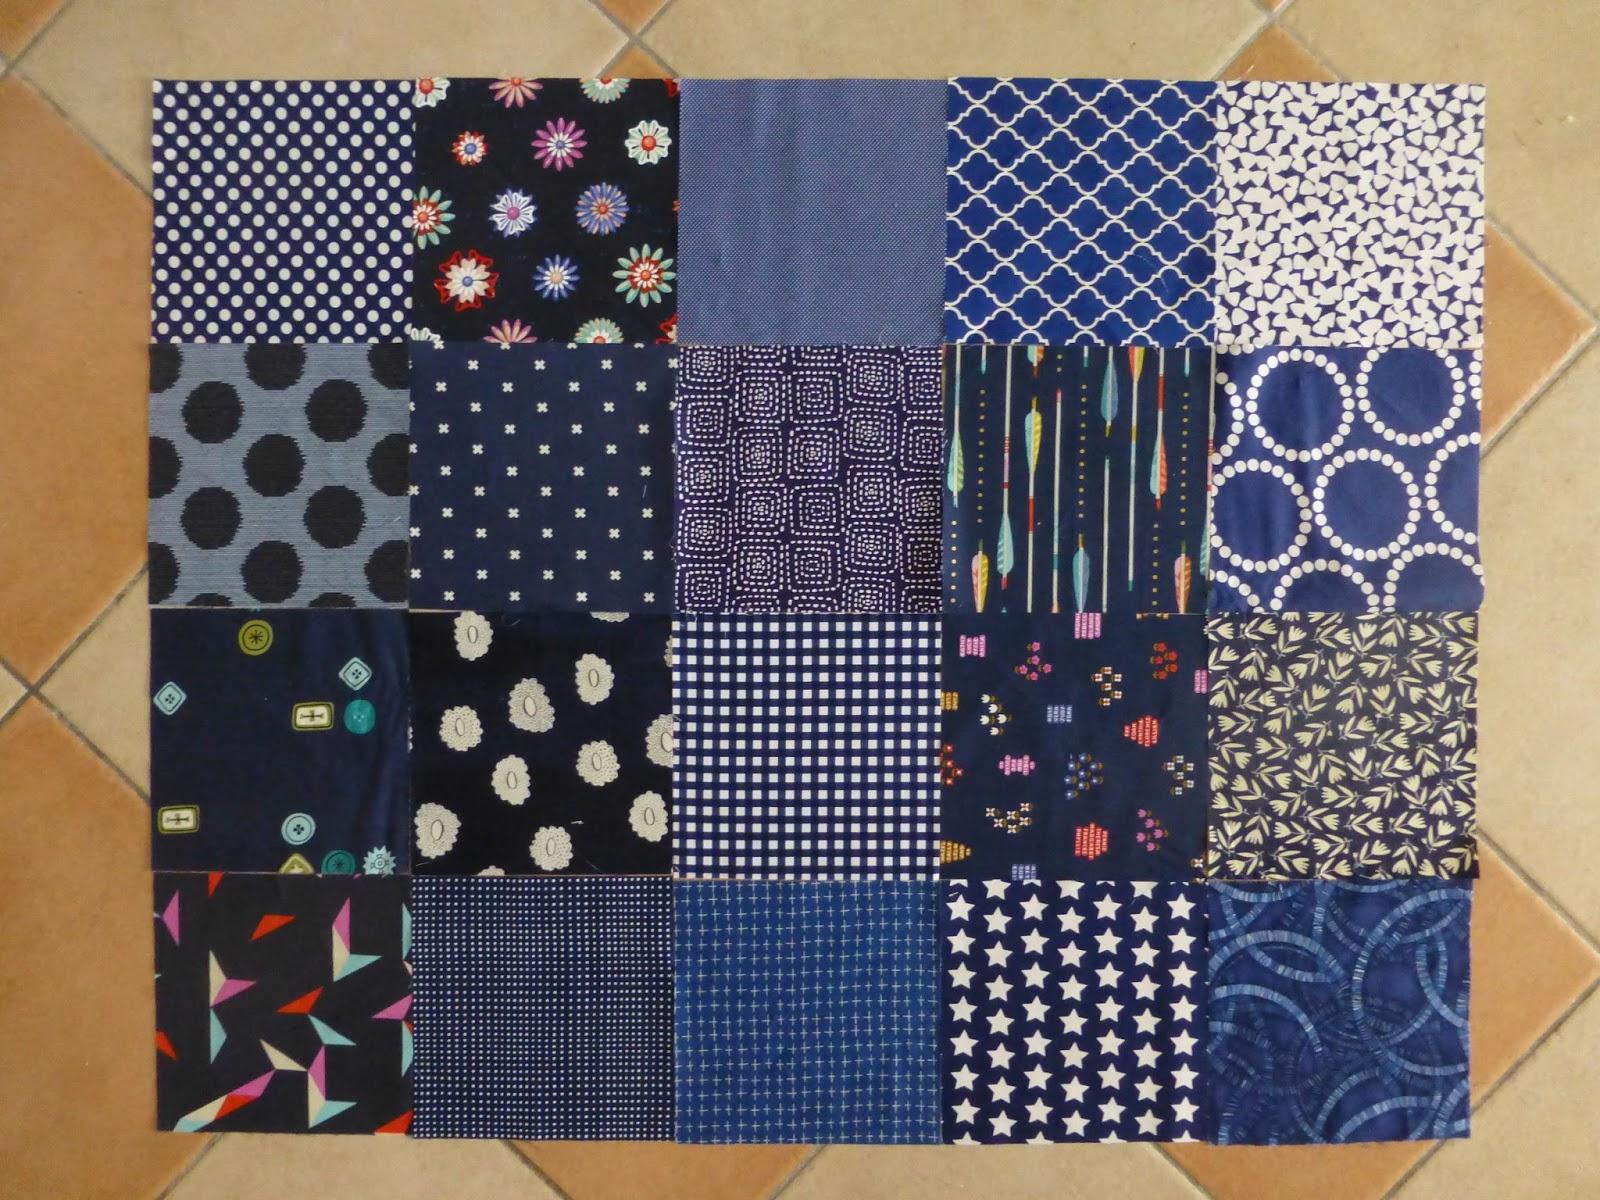 Fußboden Modern Quilt ~ Quiltmanufaktur patchwork wie geht das eine kleine